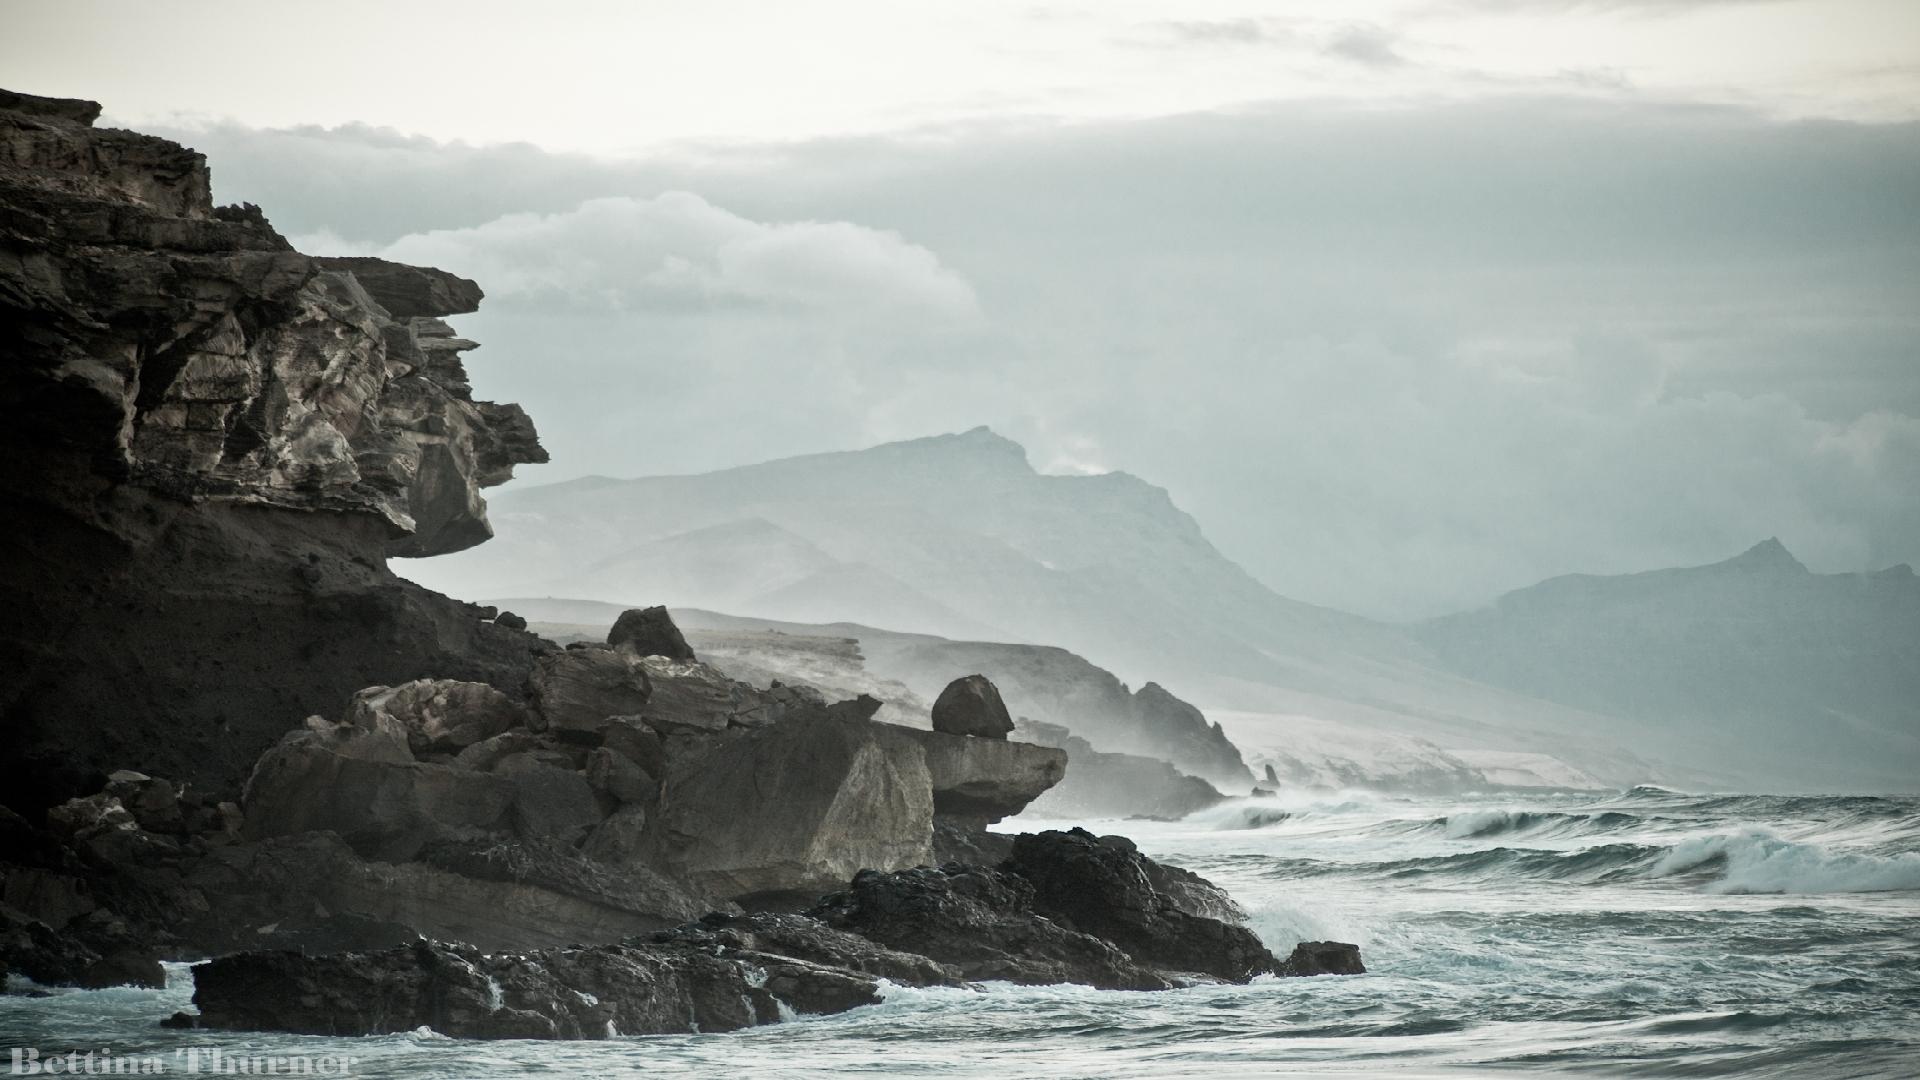 Lichtwert-BestOf_BettinaThurner.Fuerteventura4-1.jpg